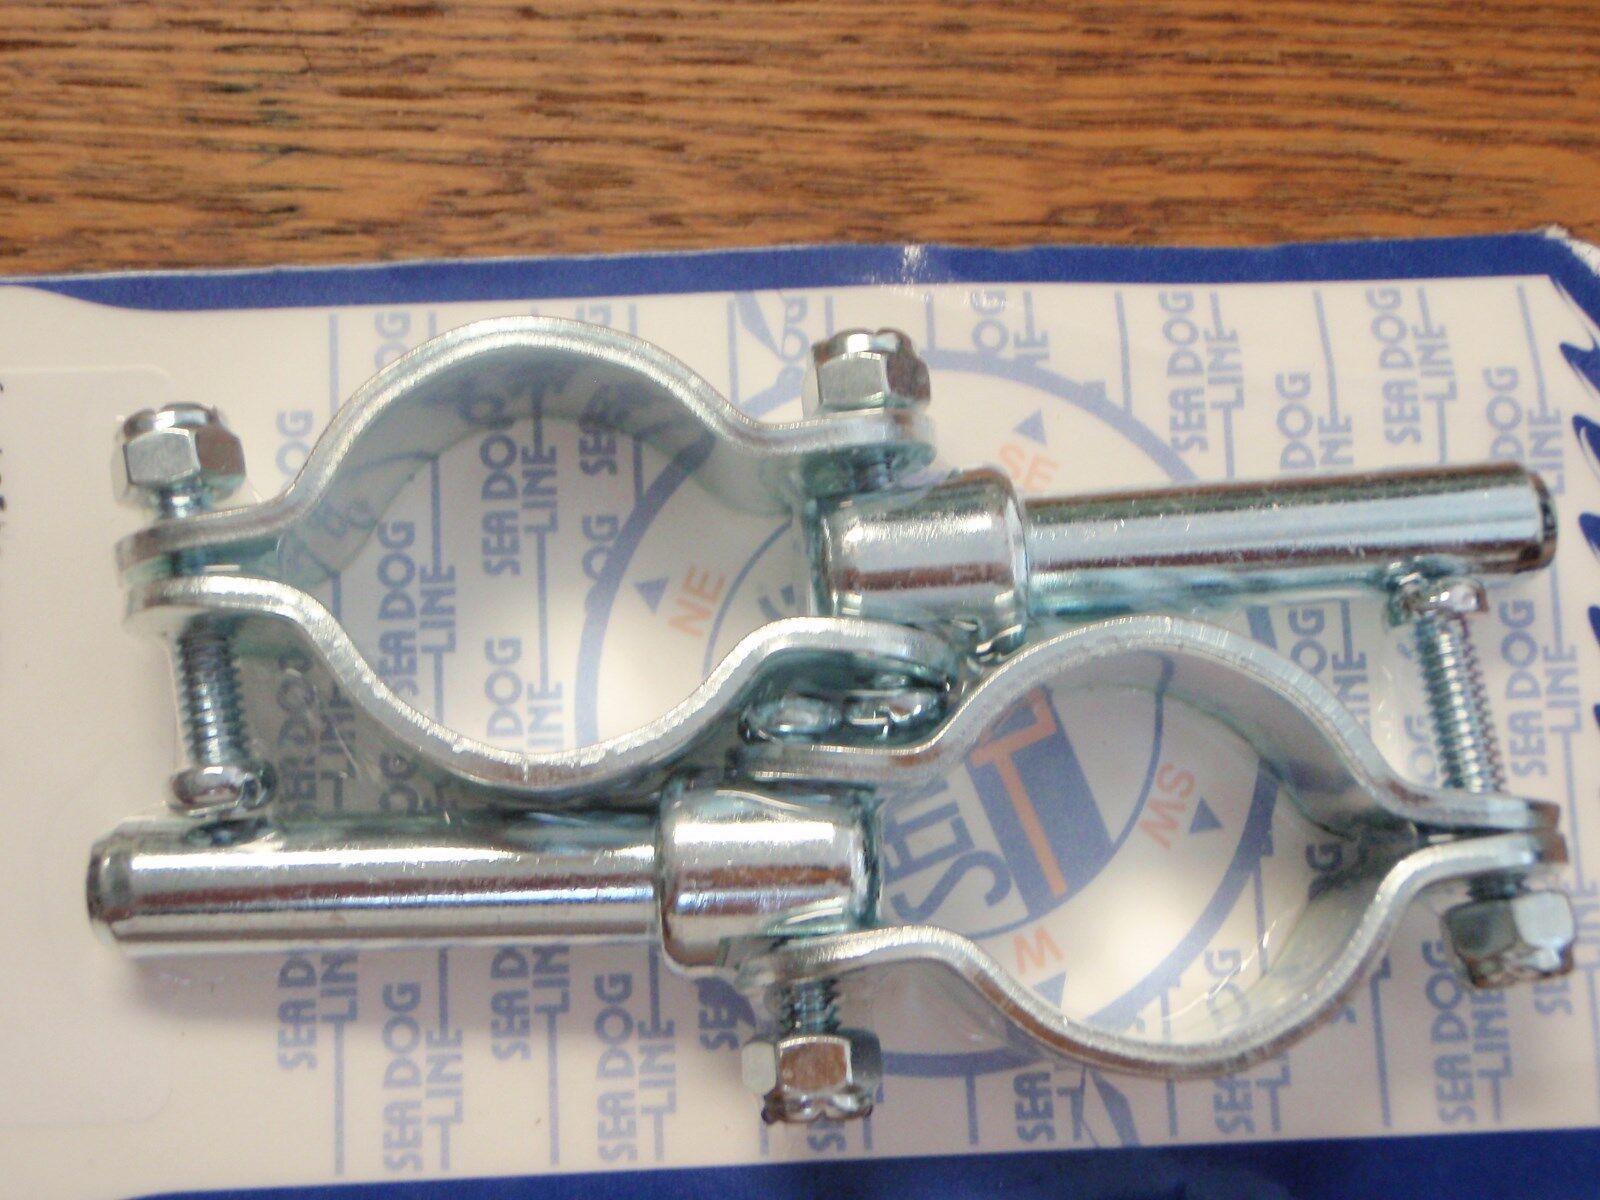 BOAT OAR LOCK HEAVY DUTY 56110 CLAMP ON OARLOCK HORNS